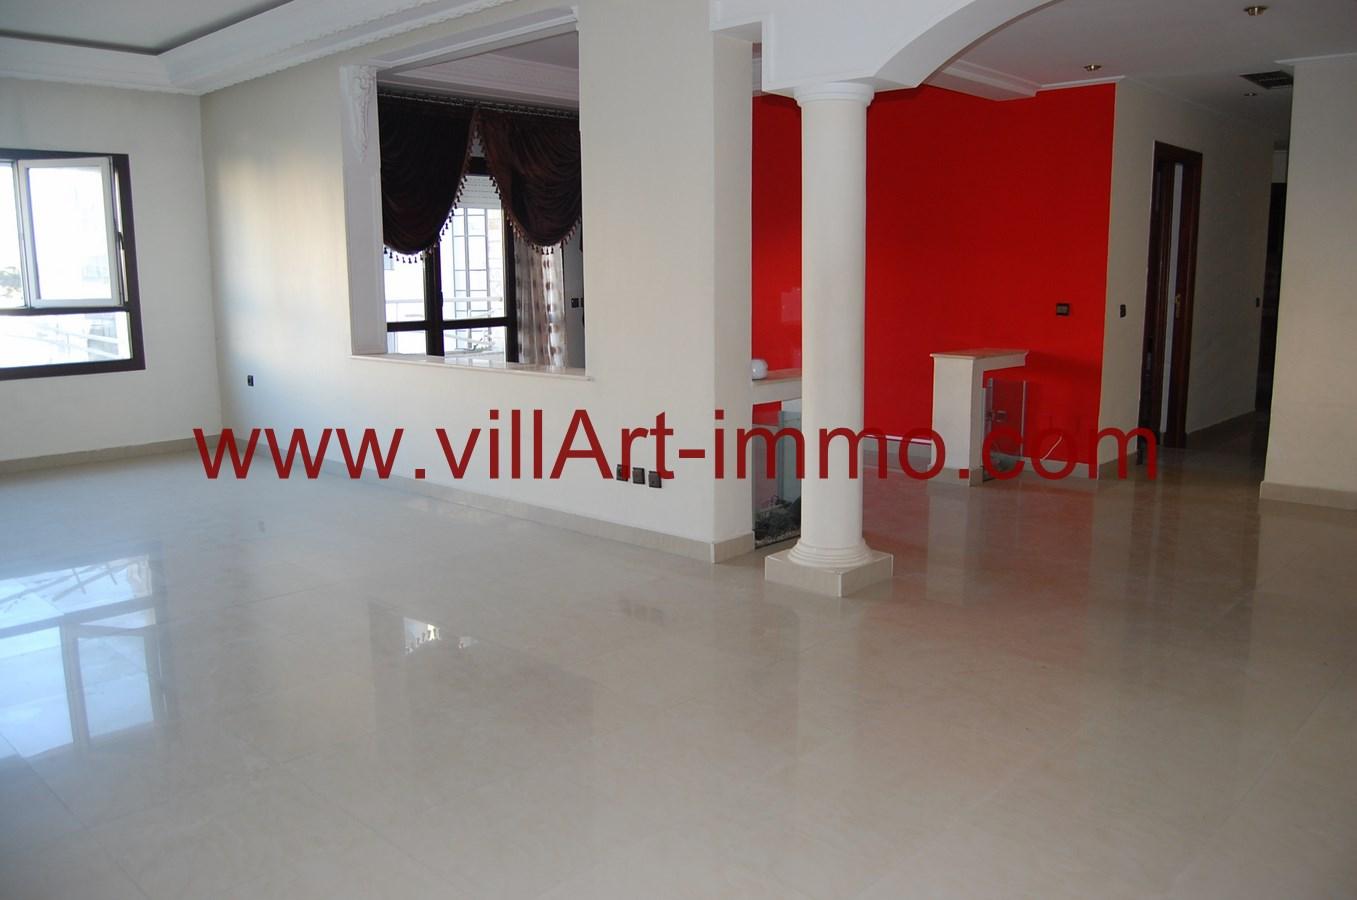 1-A louer-appartement-non-meuble-tanger-salon-1-l891-villart-immo